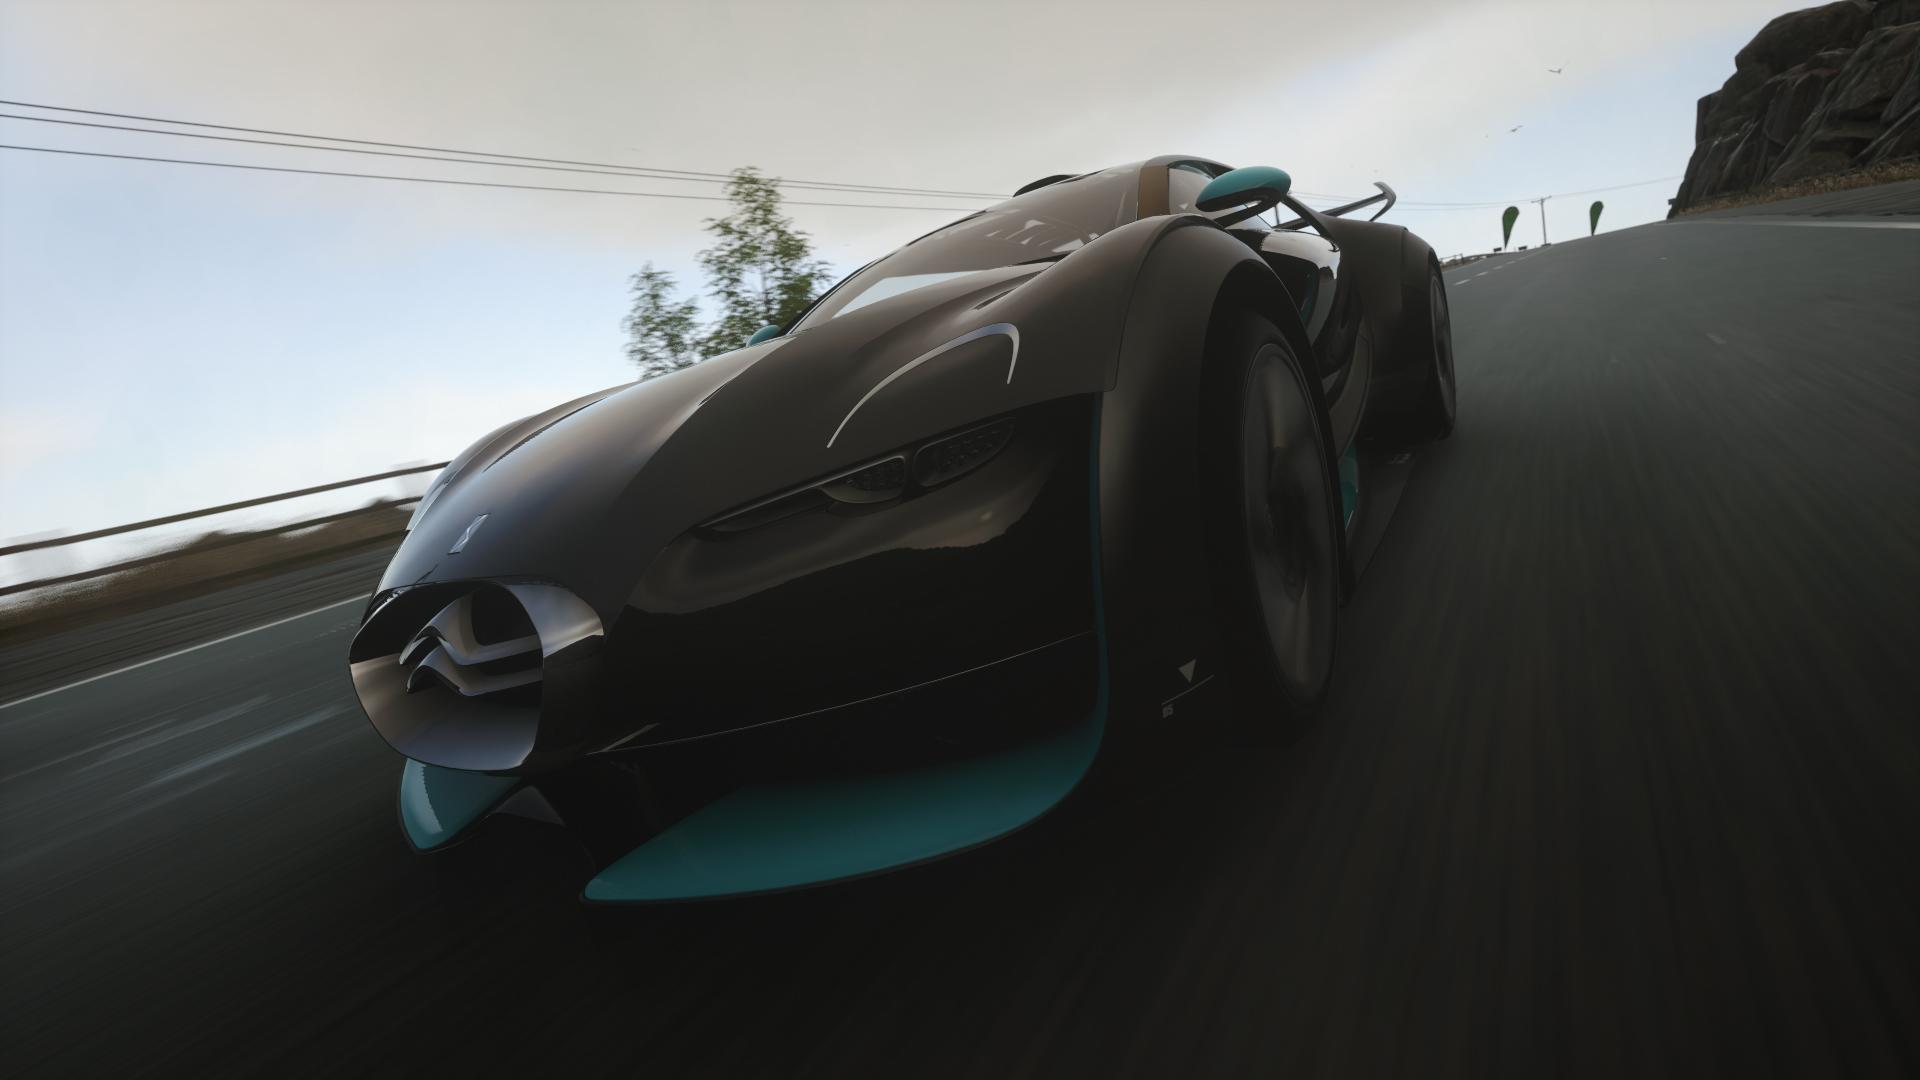 Ďábelská Lamborghini přijíždí do hry DriveClub 109021